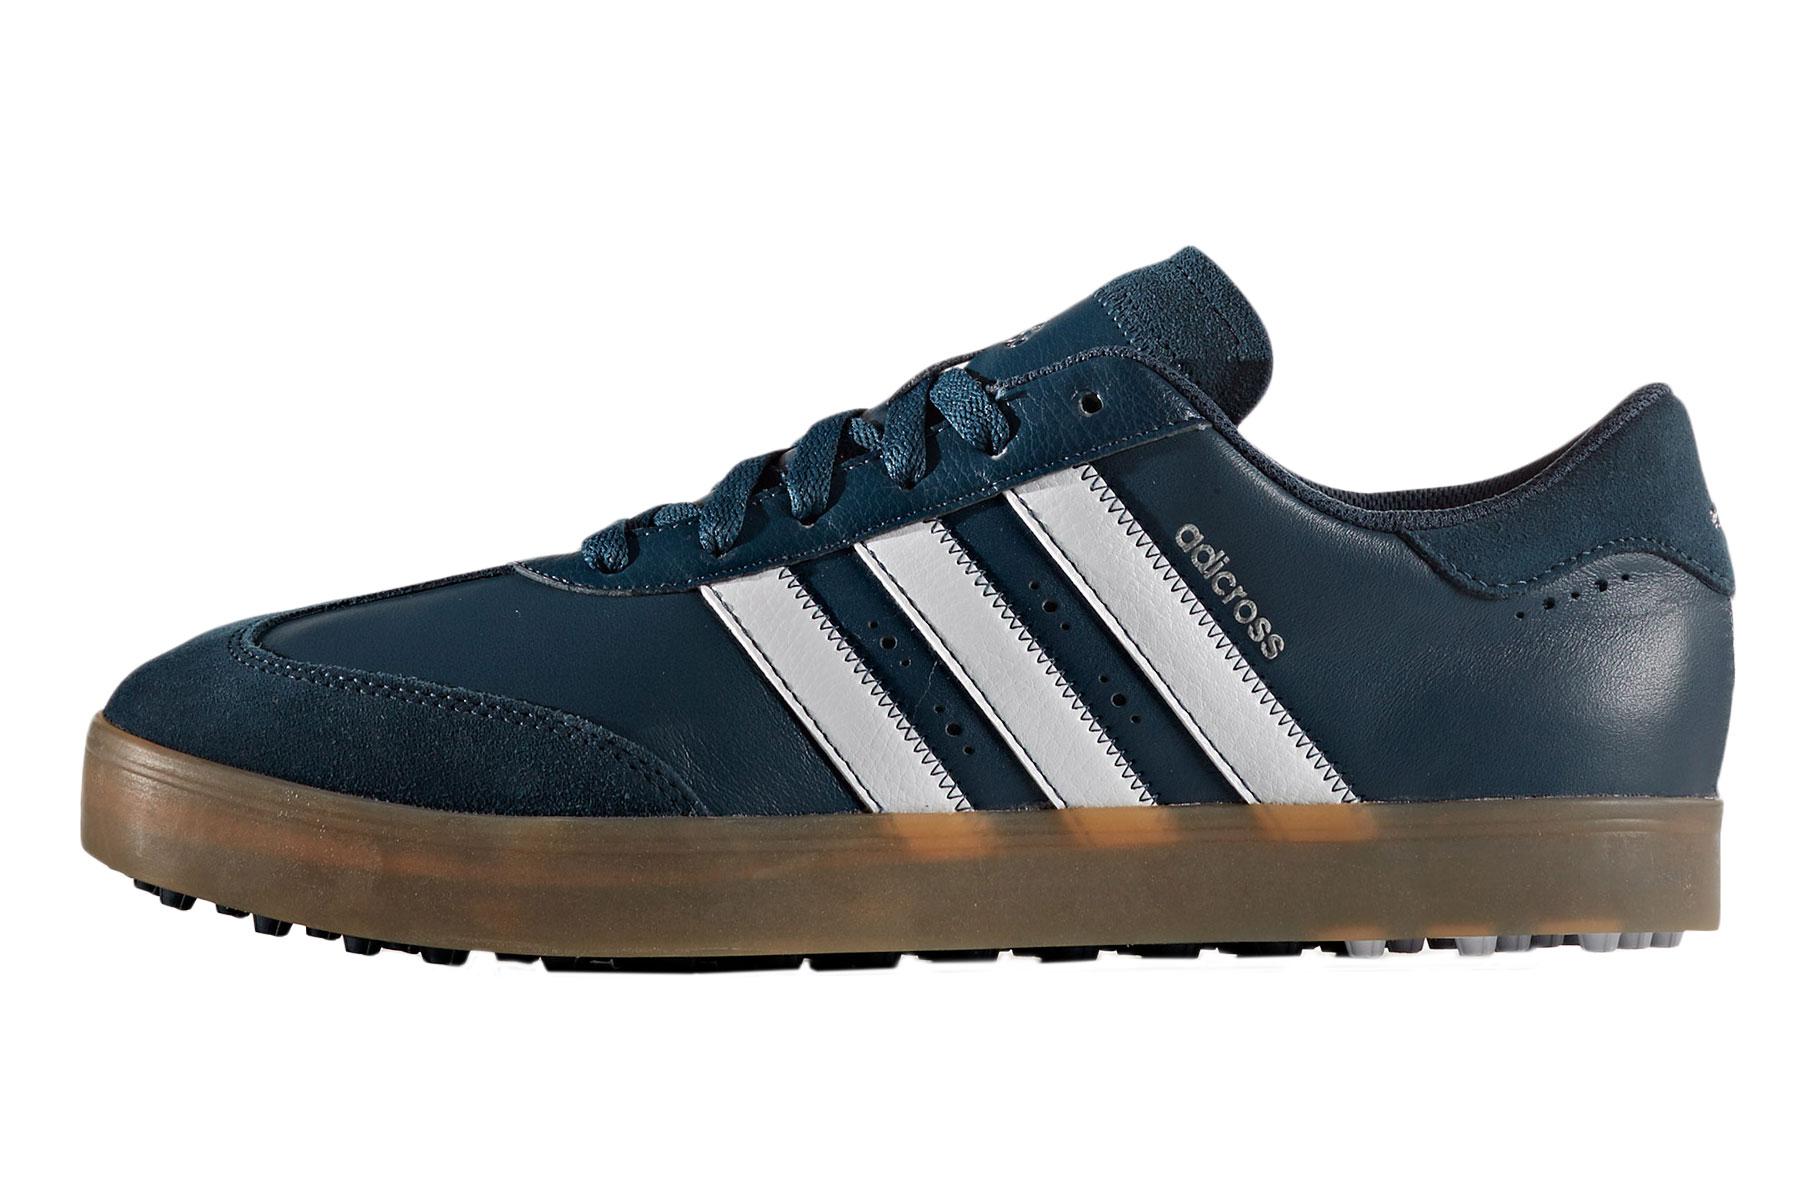 Adidas Golf Adicross V Shoes Reviews